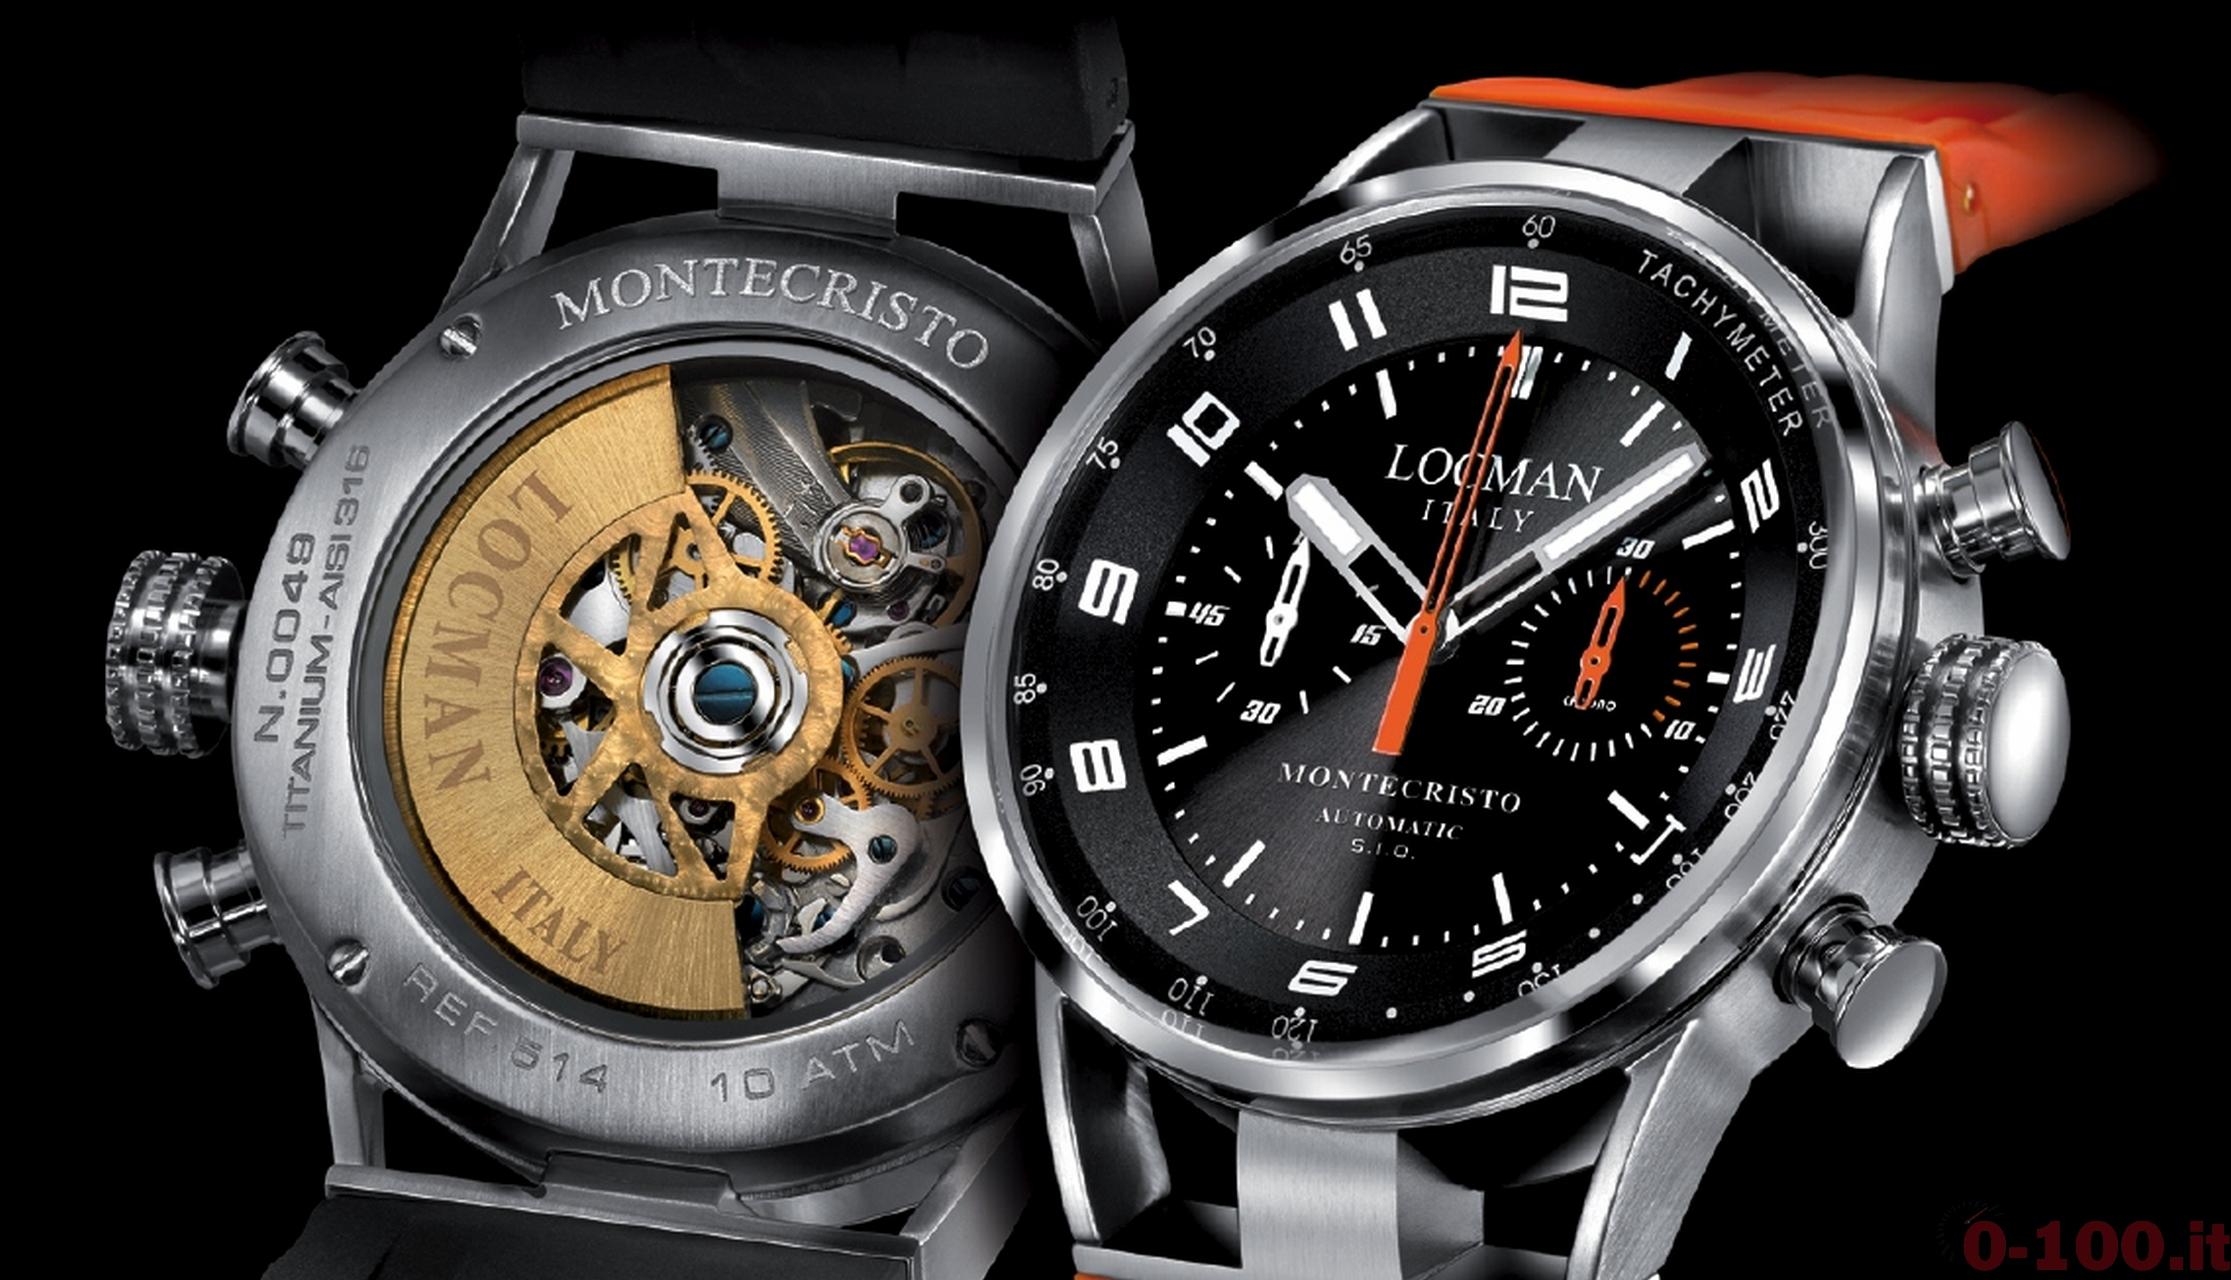 anteprima-baselworld-2014-locman-montecristo-cronografo-automatico-prezzo-price_0-1002